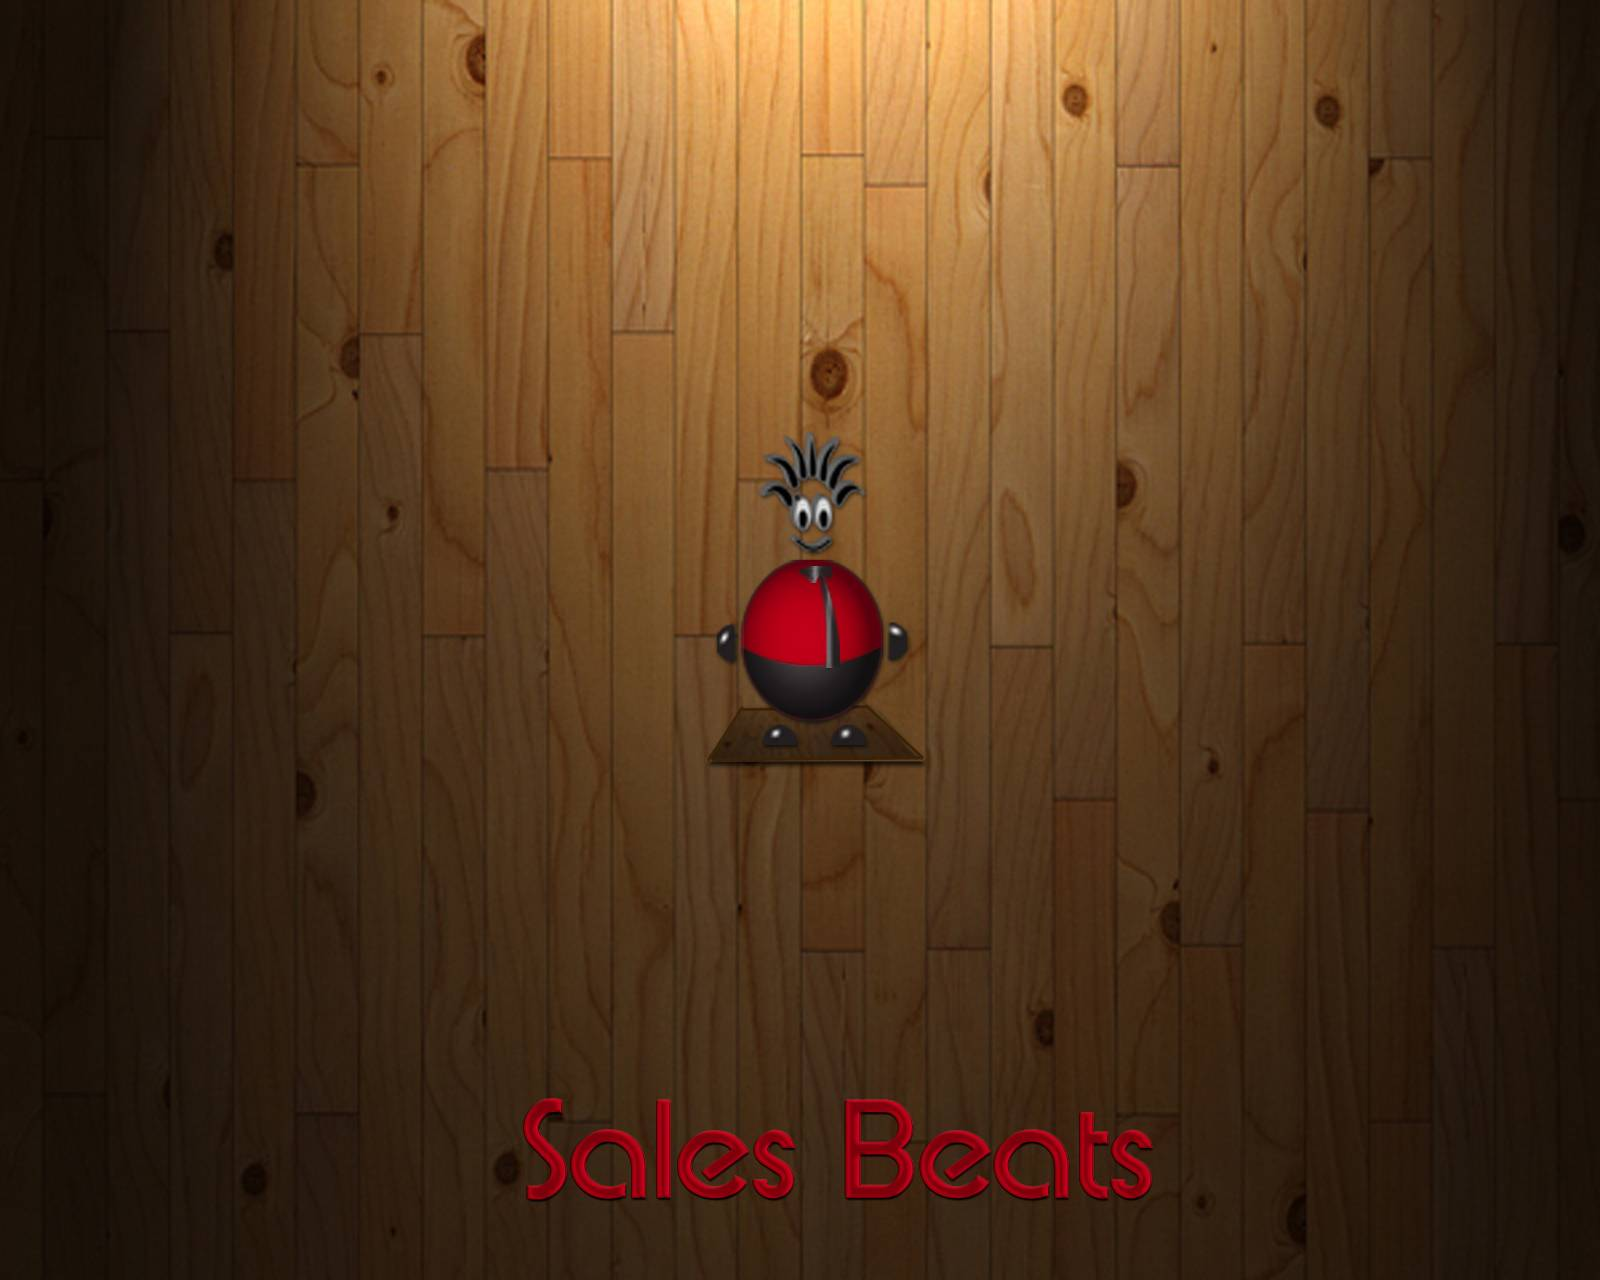 Salesbeats